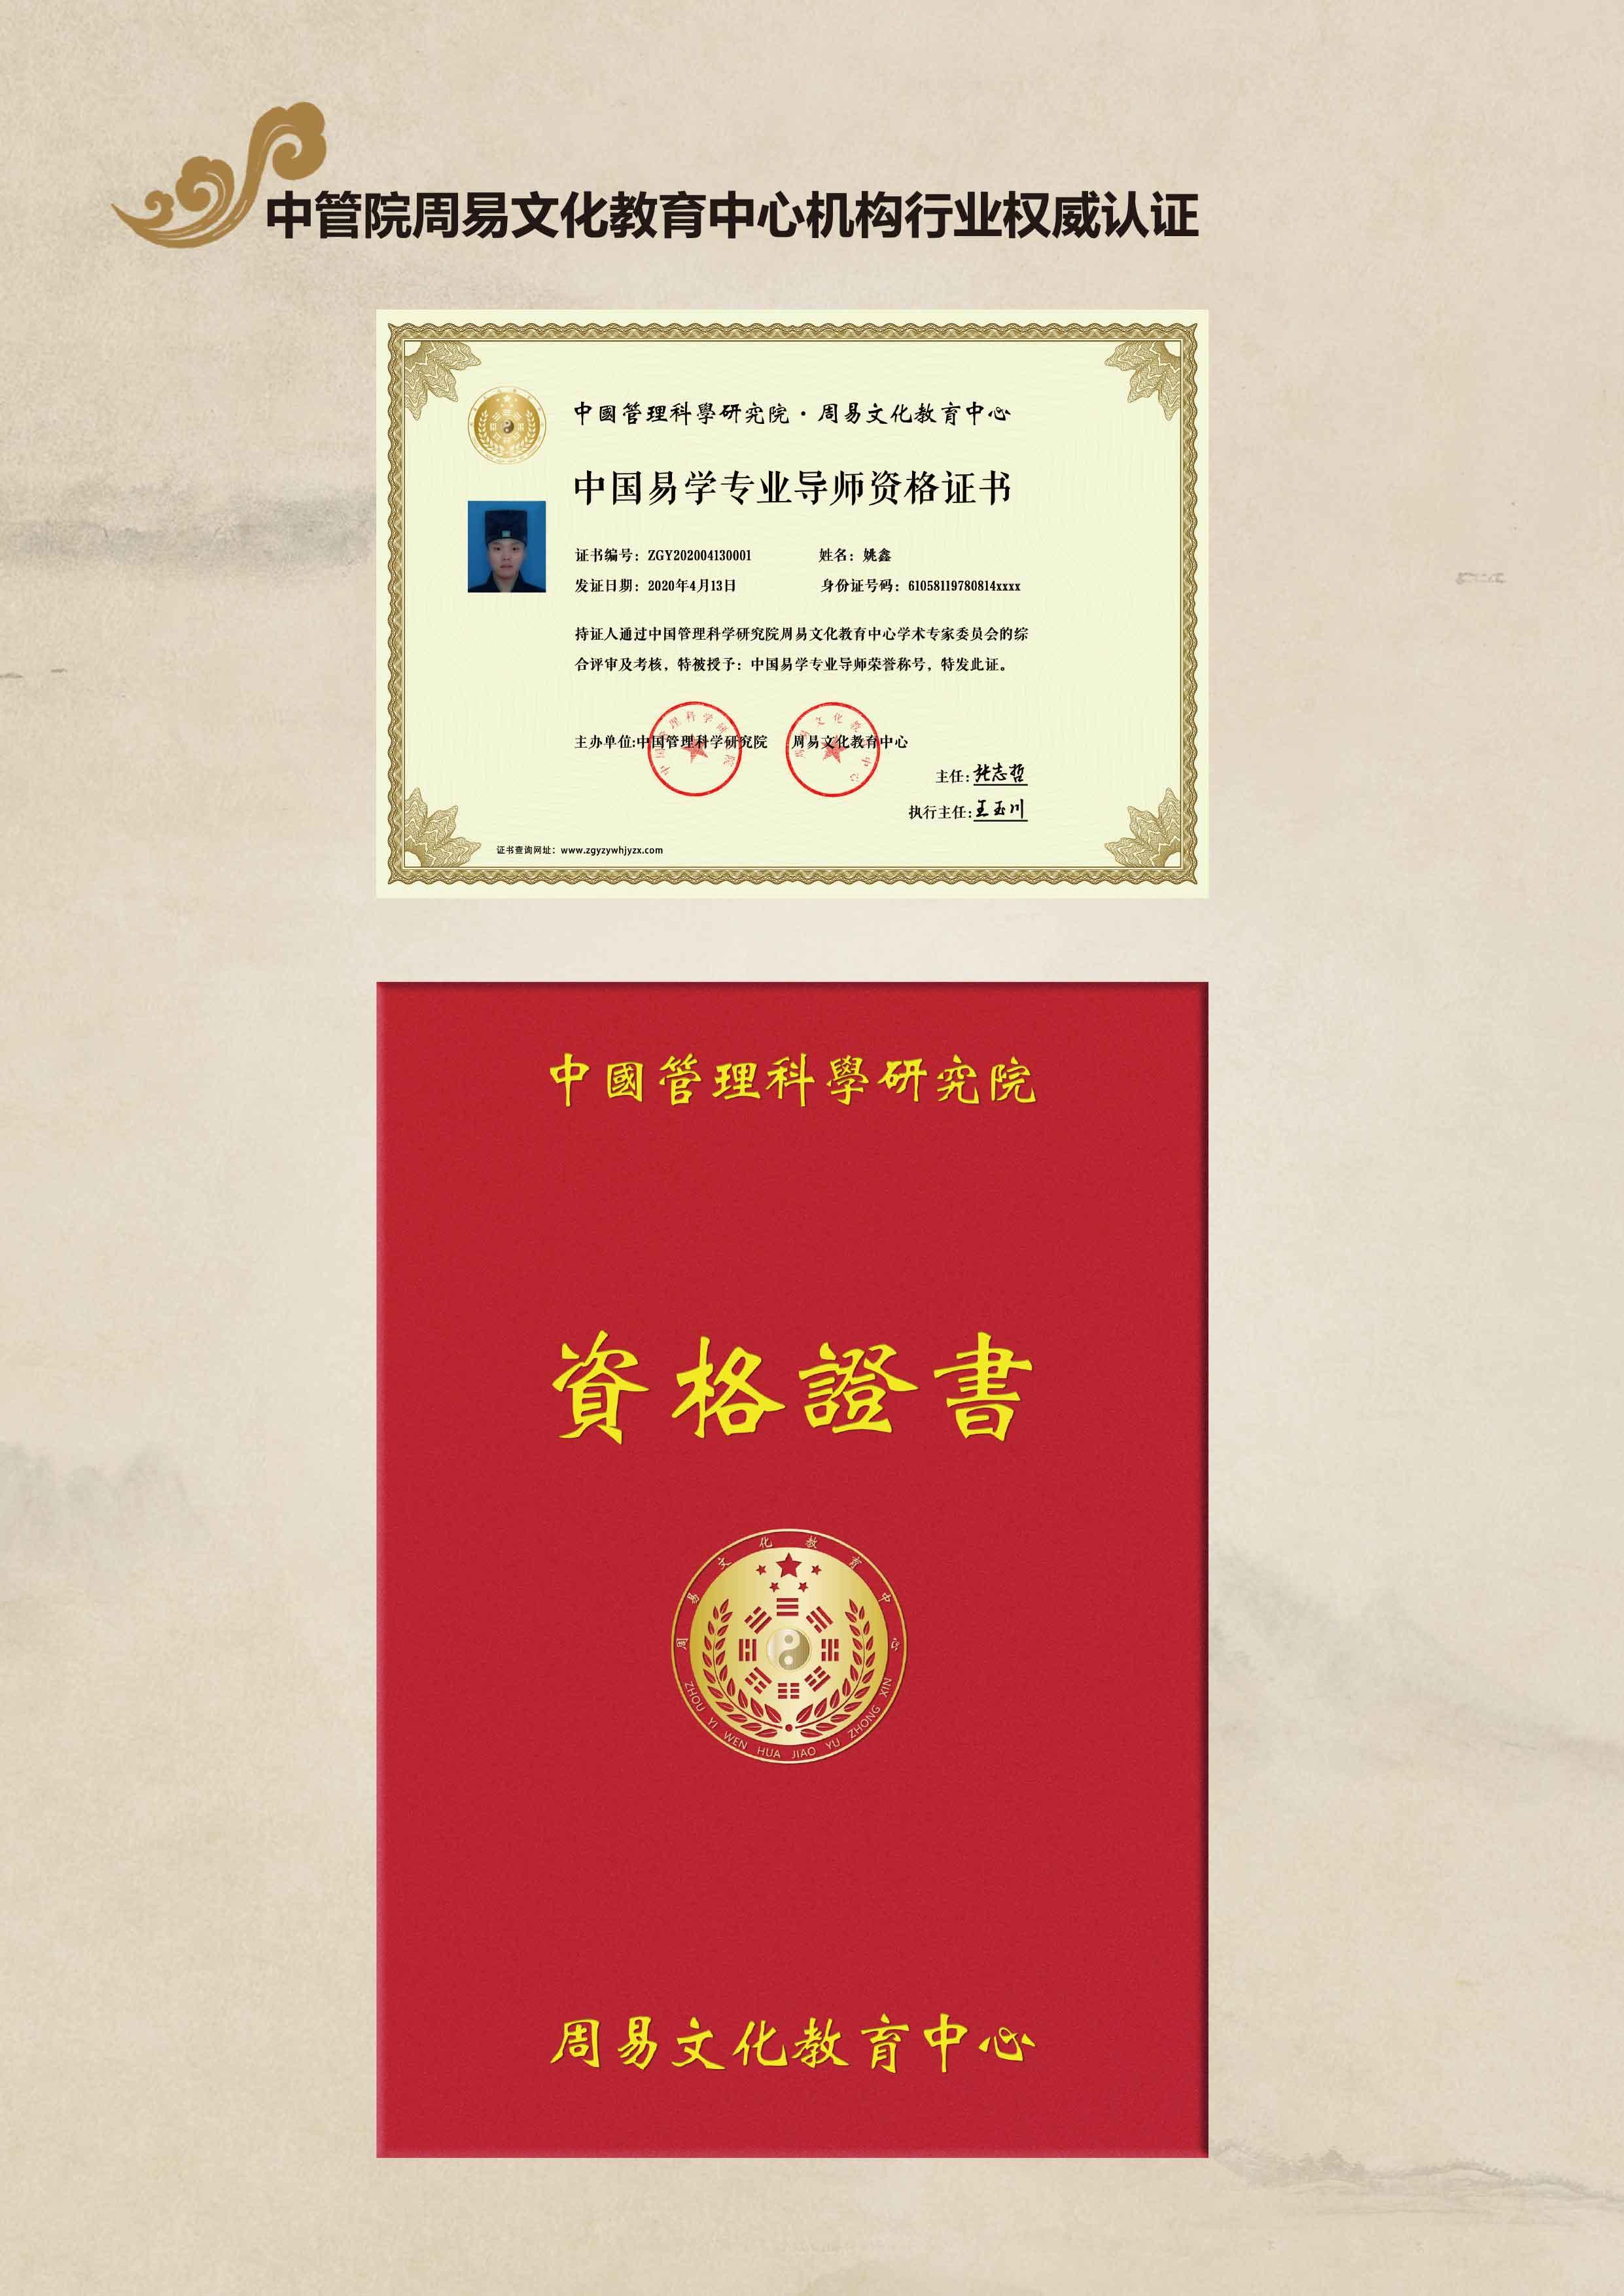 中管院·周易文化教育中心机构行业权威认证